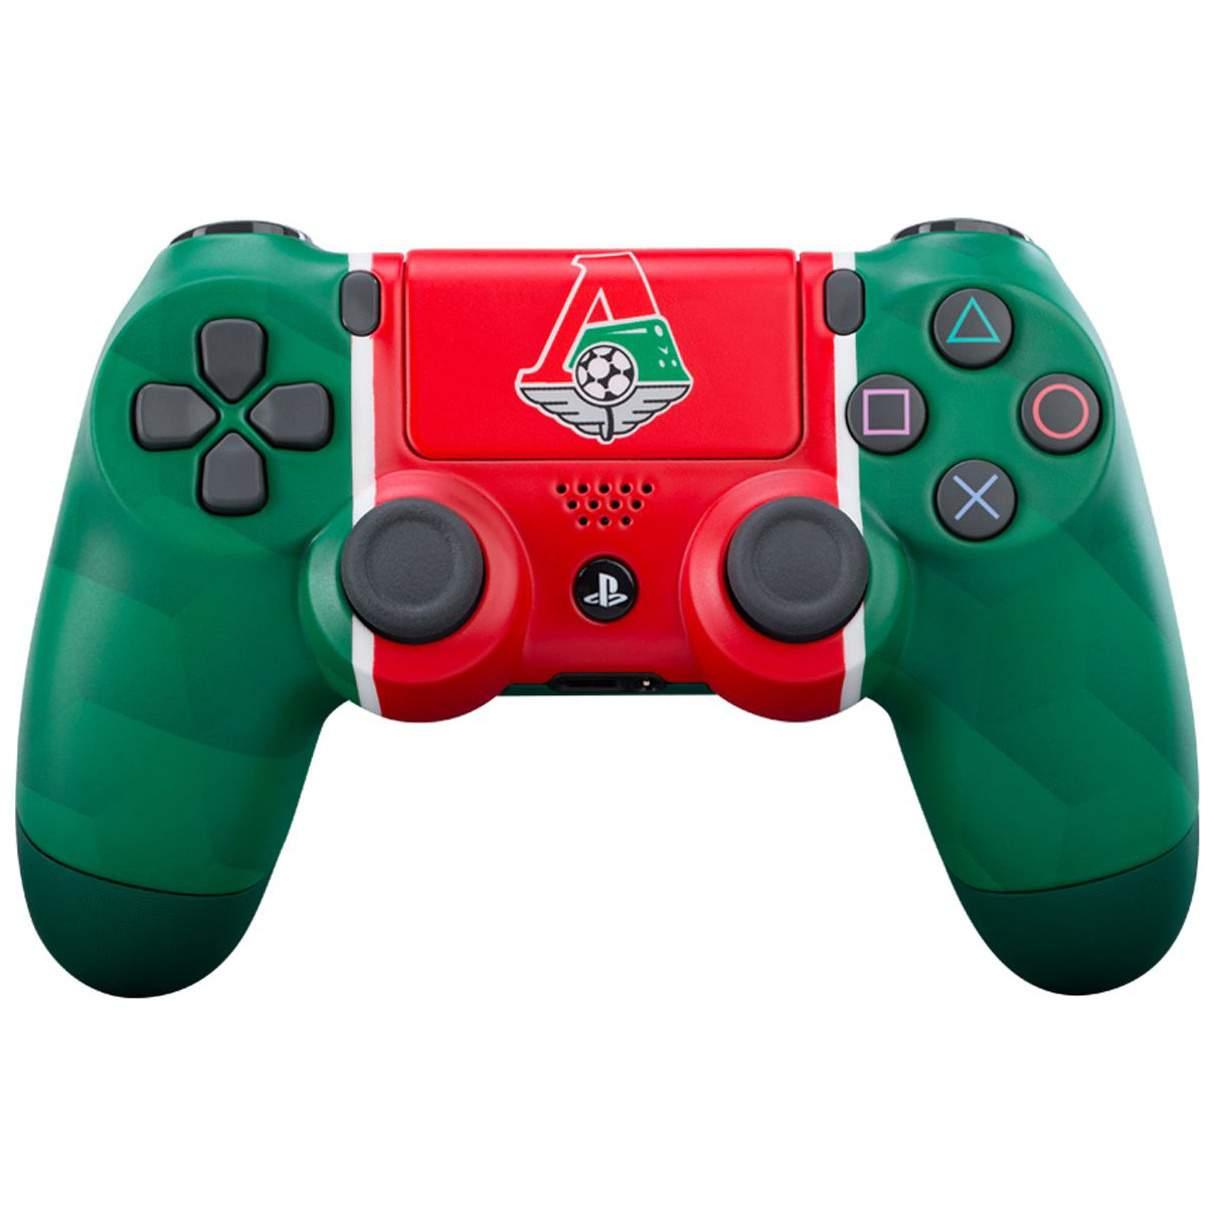 Геймпад Sony PlayStation Dualshock 4 Локомотив Чемпионский экспресс